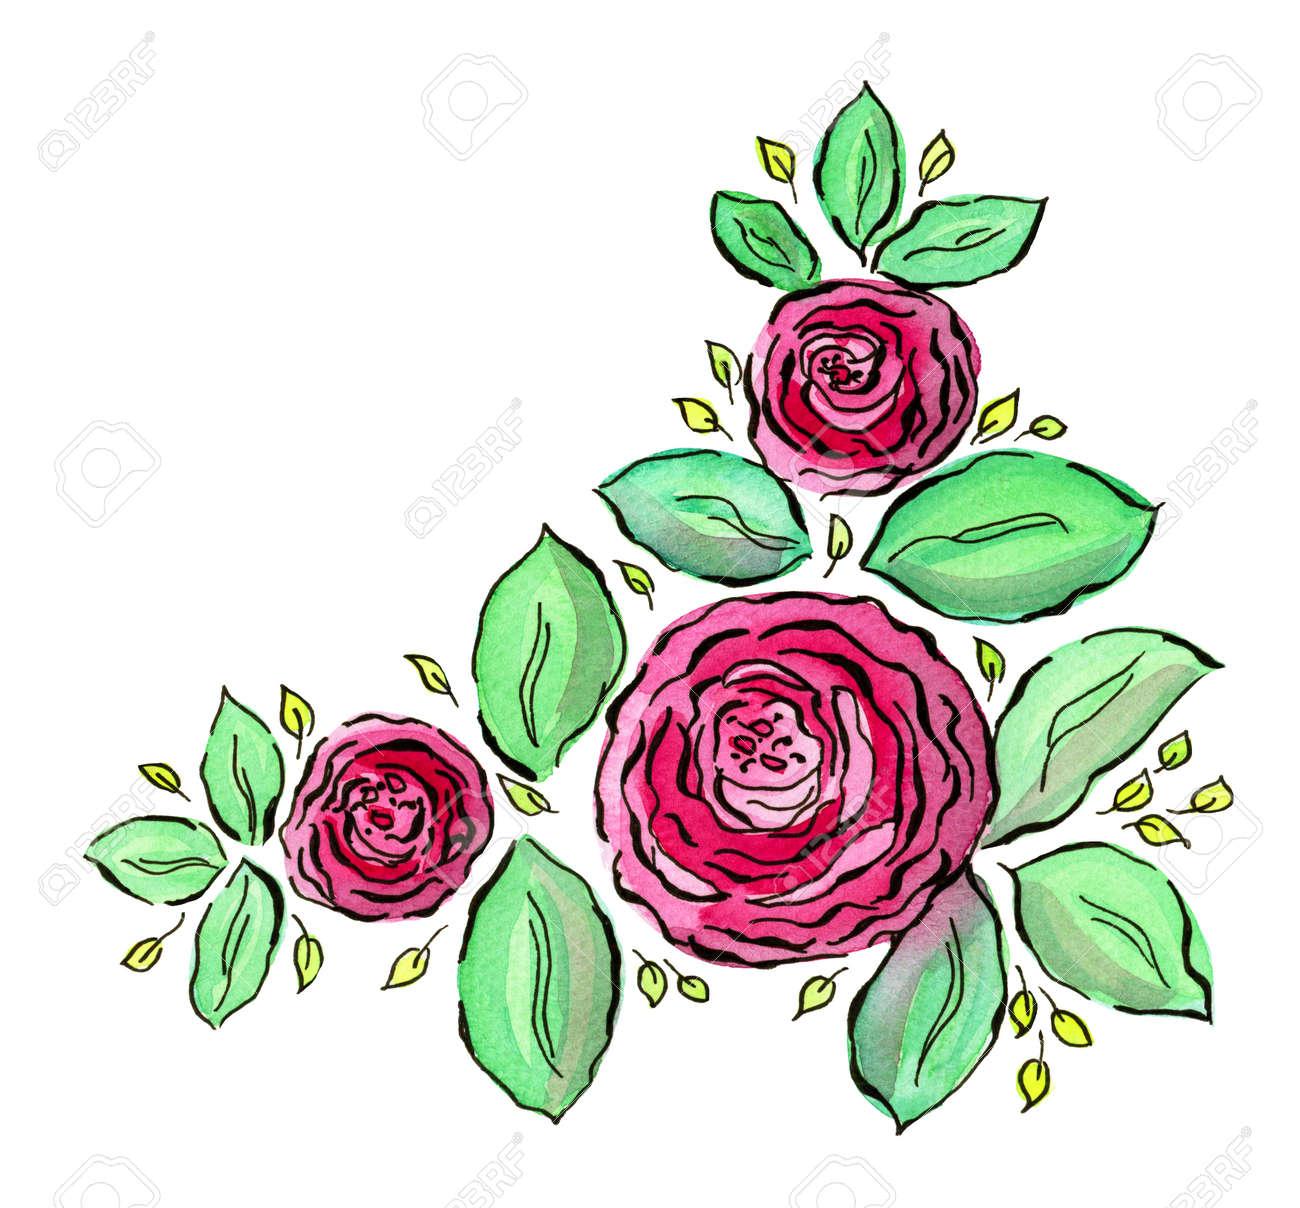 Dibujo Rosas Tumblr